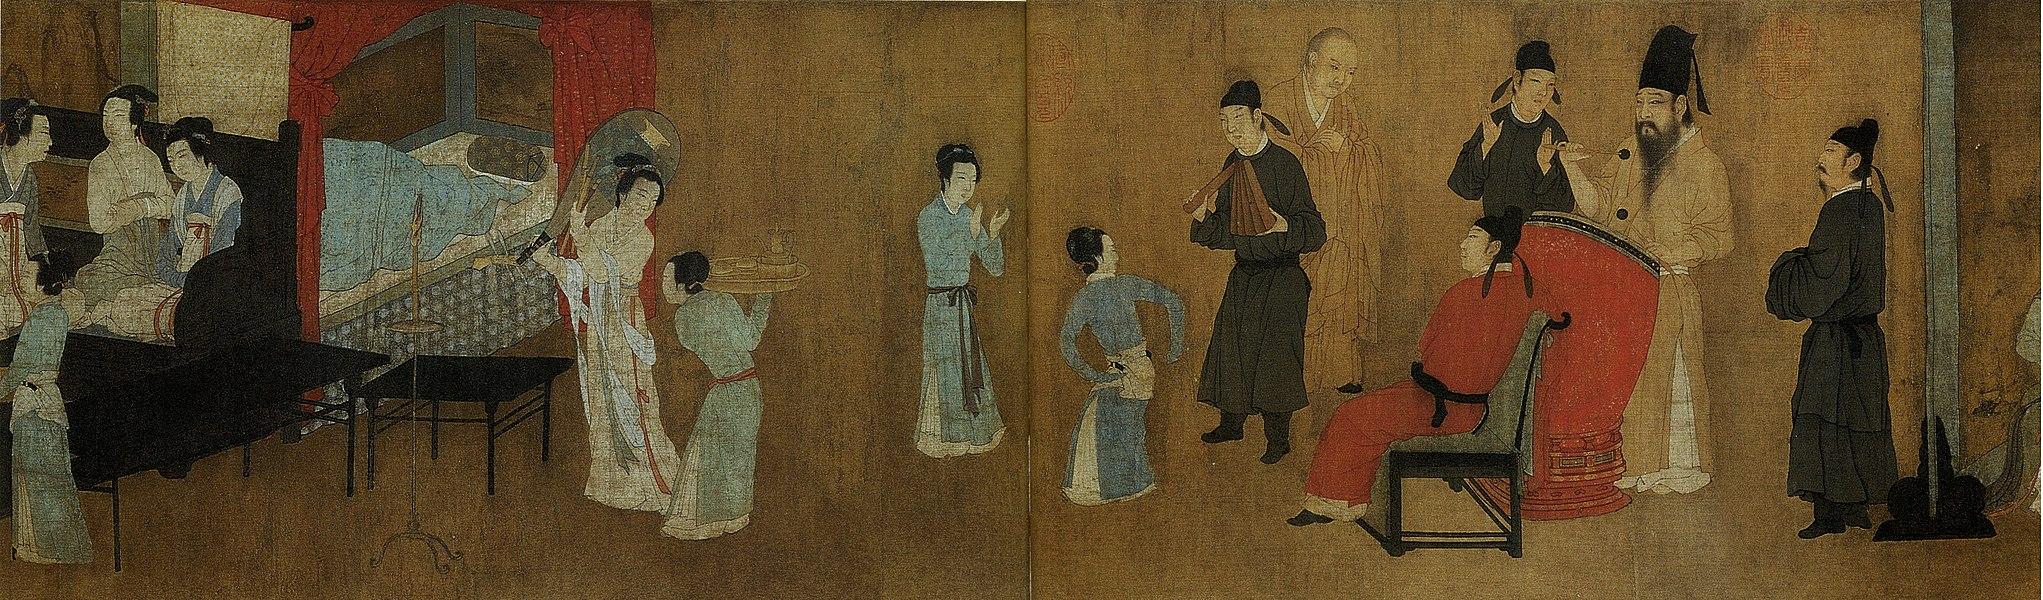 gu hongzhong - image 3